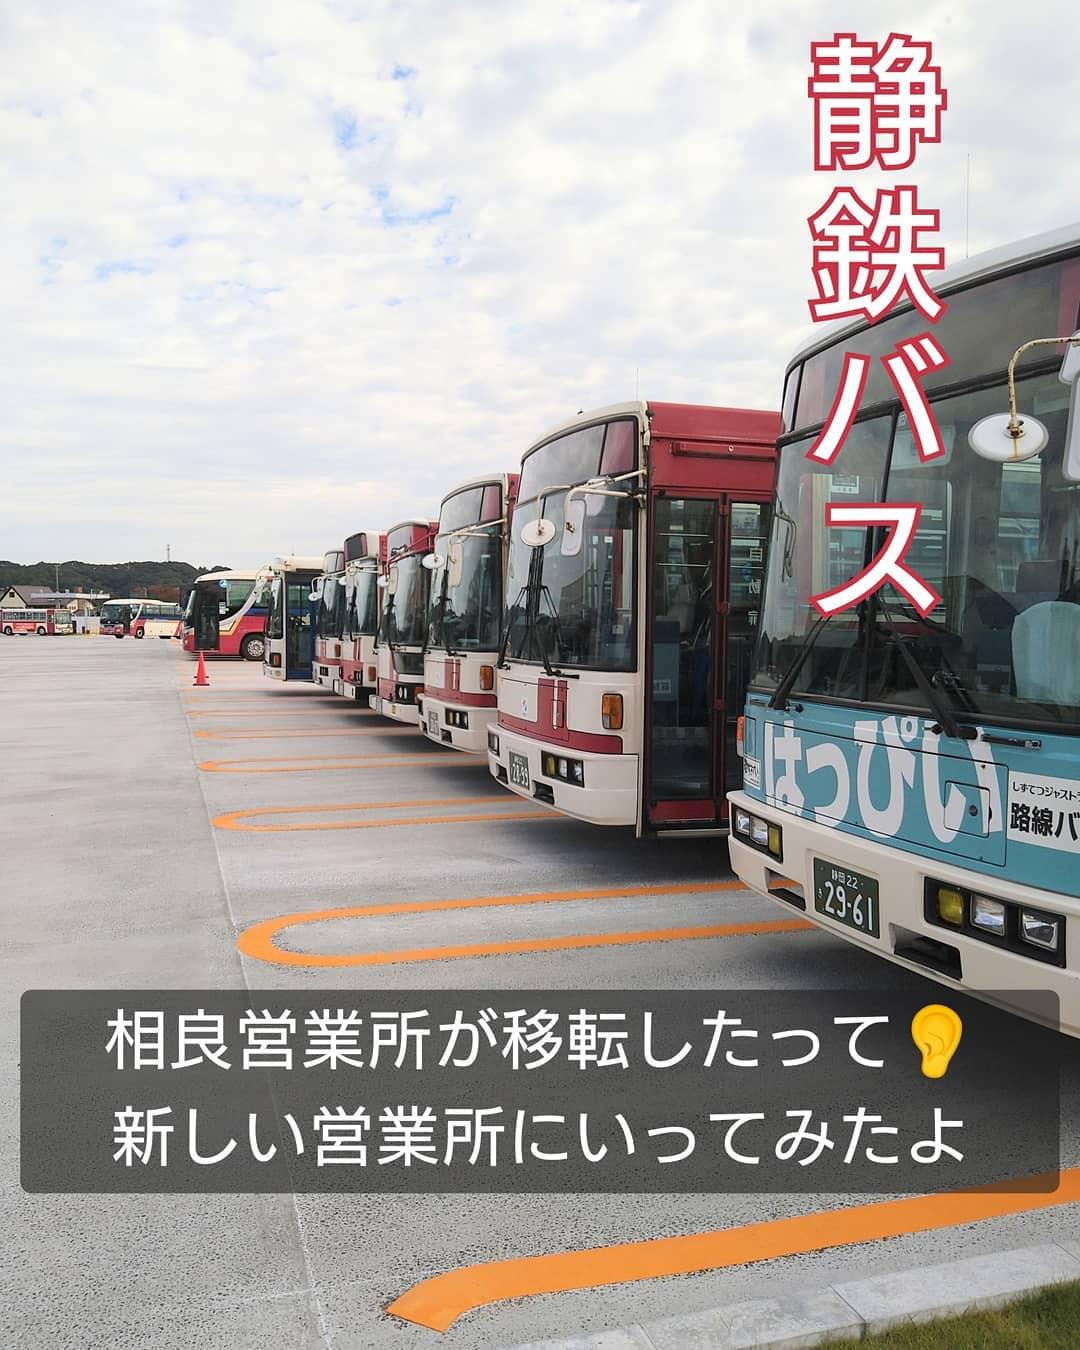 ☆静鉄バス相良営業所の移転